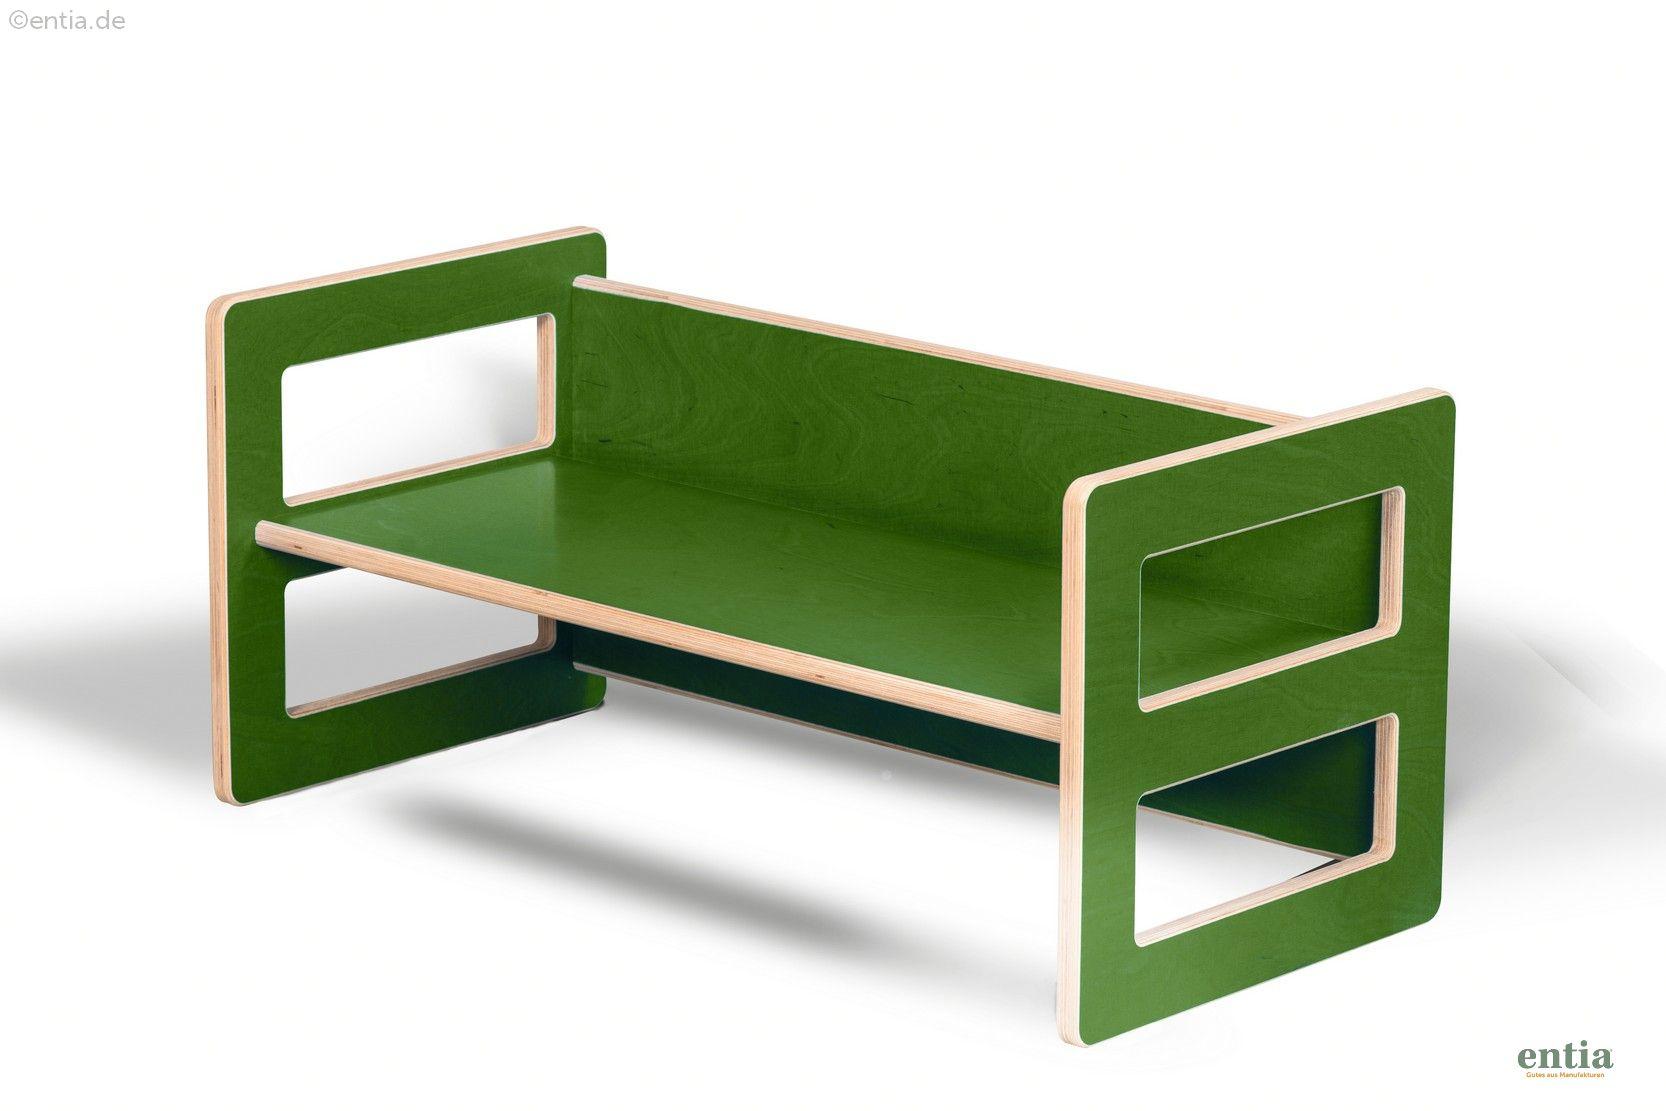 Kindermöbel Wendebank grün